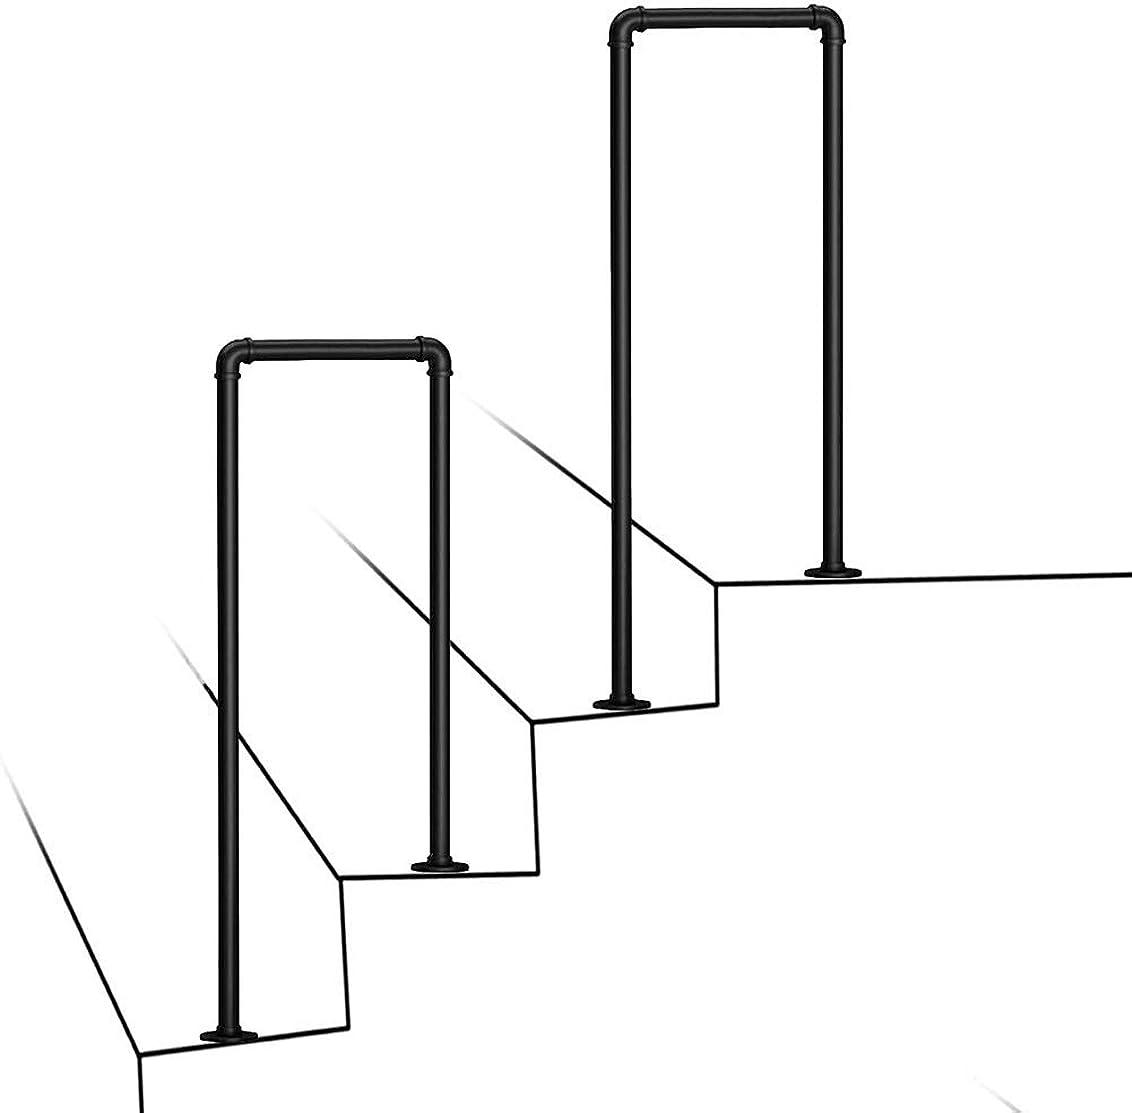 平らにする推定する条約HENGGE 手すりU字型、マットブラック安全アンチスリップ錬鉄はヴィラガーデンチャンネル手すりサポートバー用のパイプ手すりを、亜鉛メッキ (Color : 3.2cm, Size : 55cm(1.8ft))